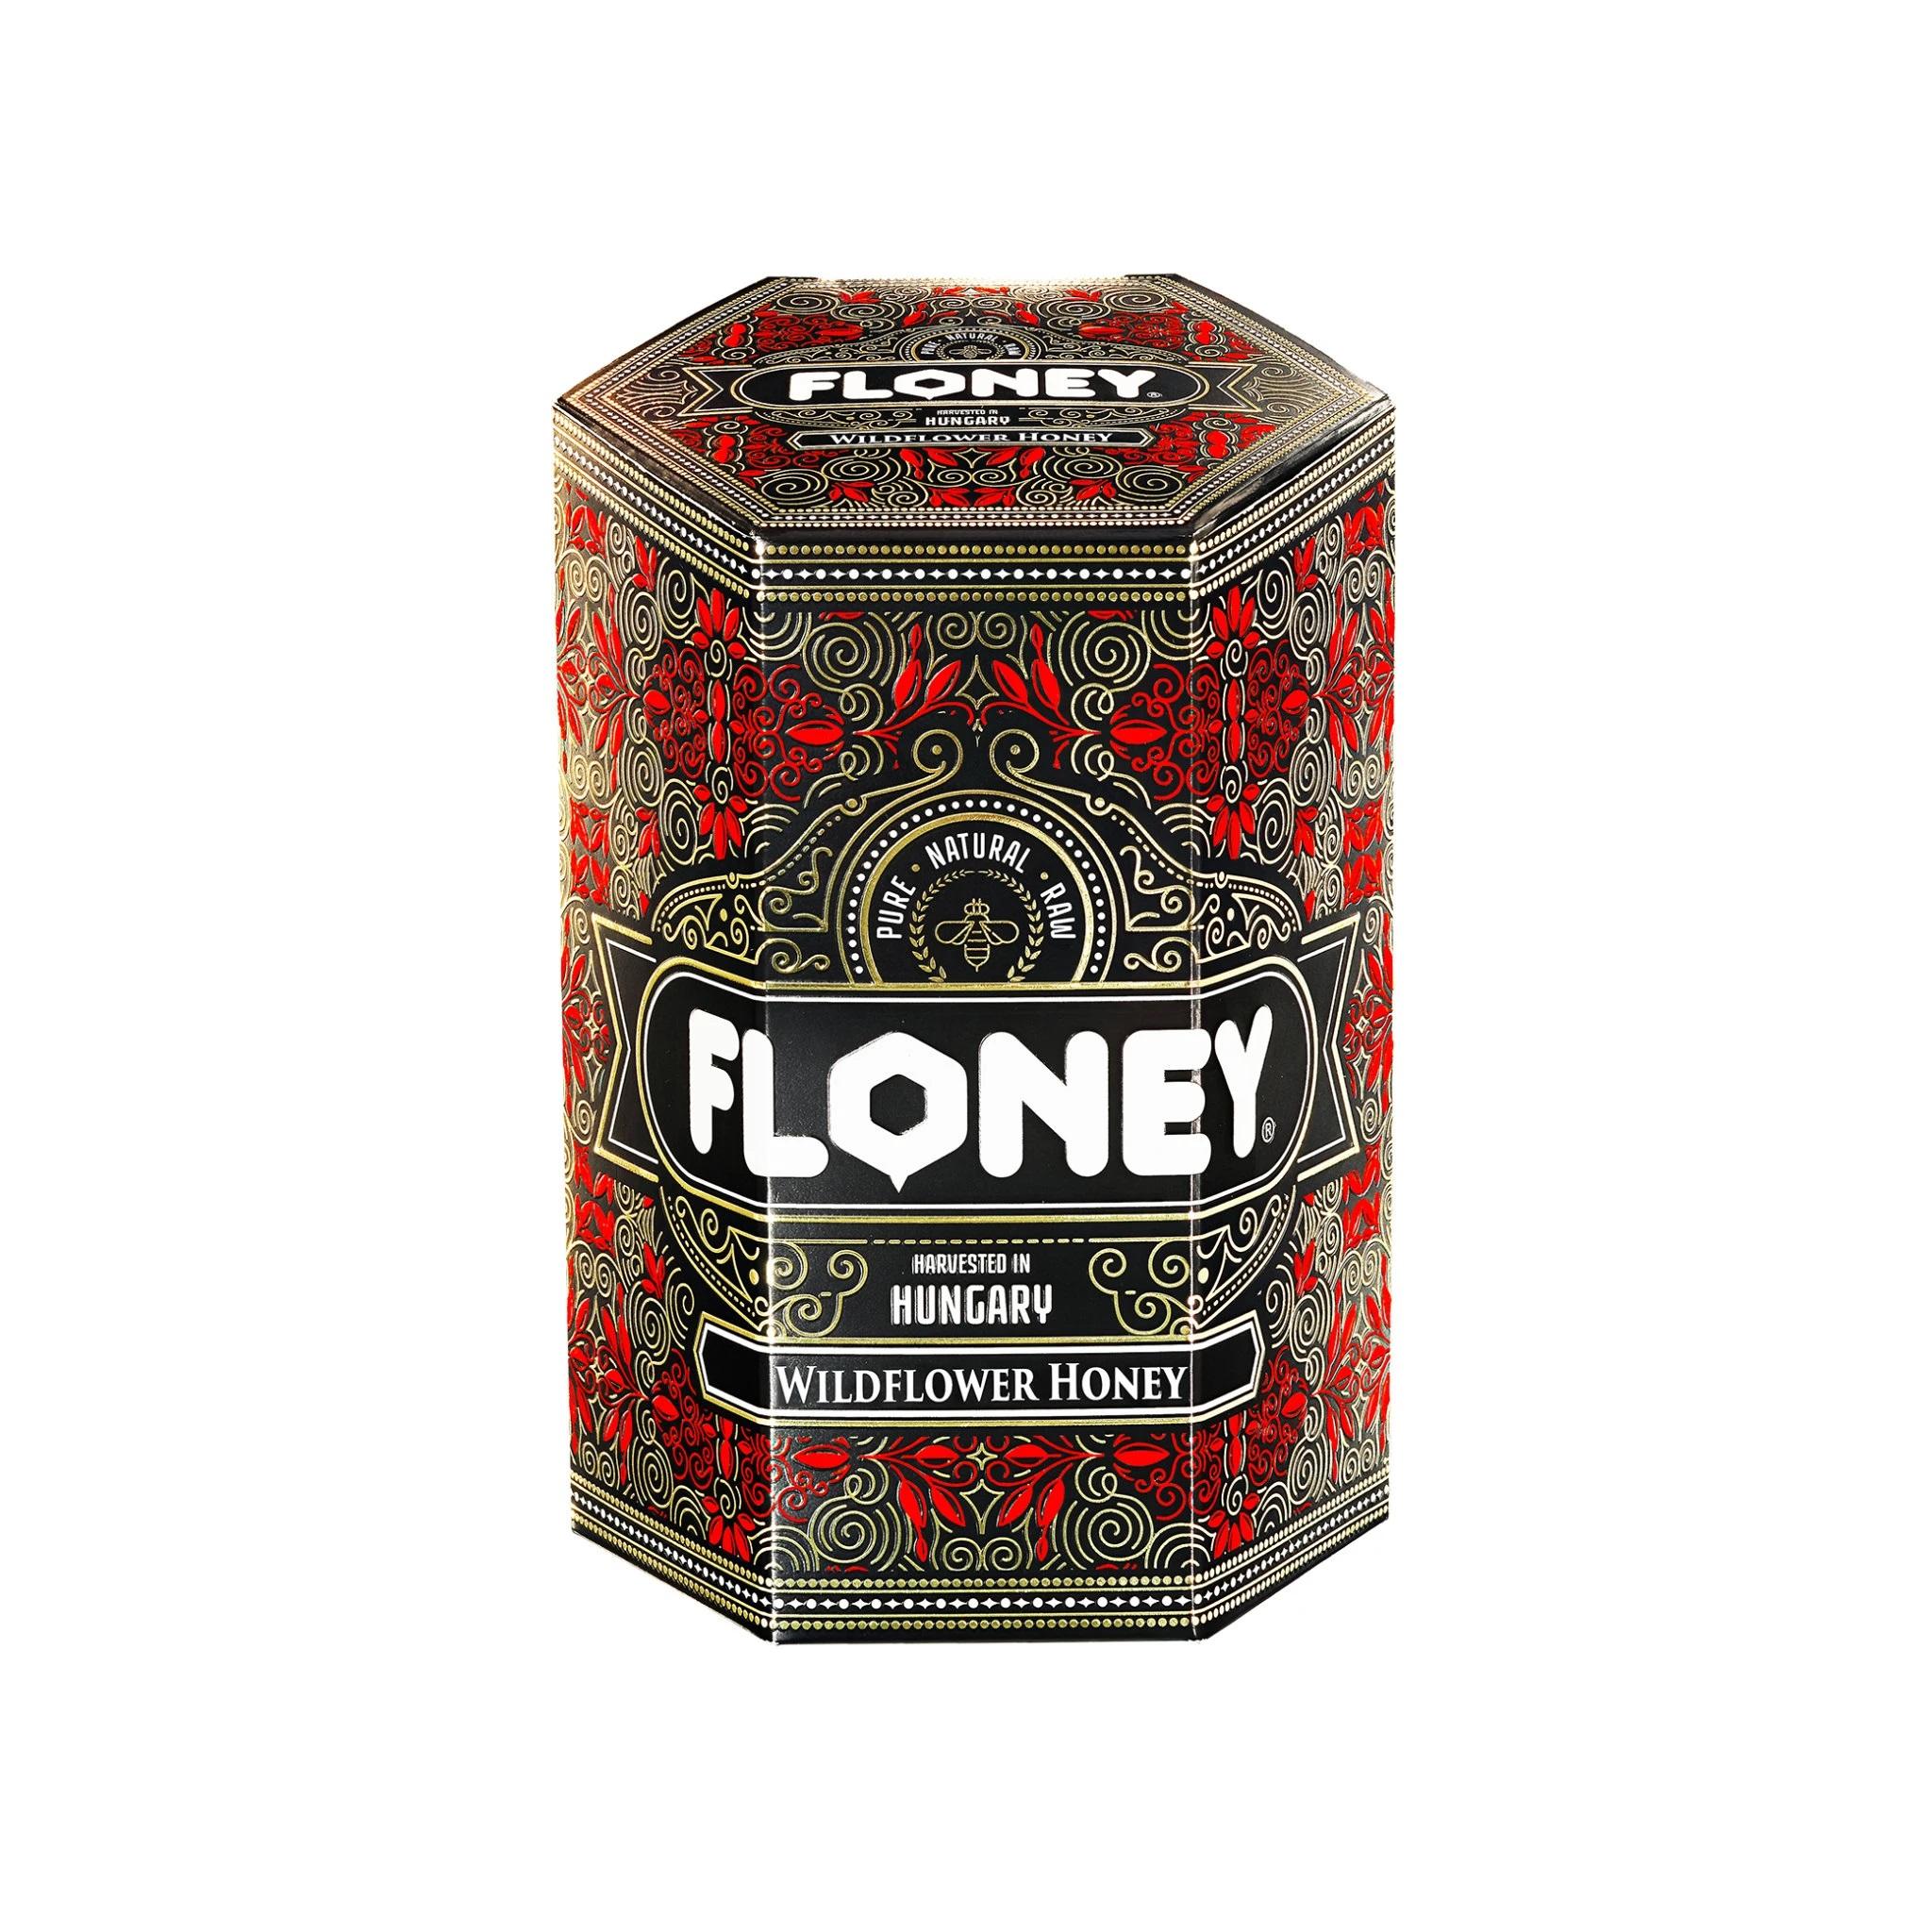 Floney Wild Flower Honey 250 gm